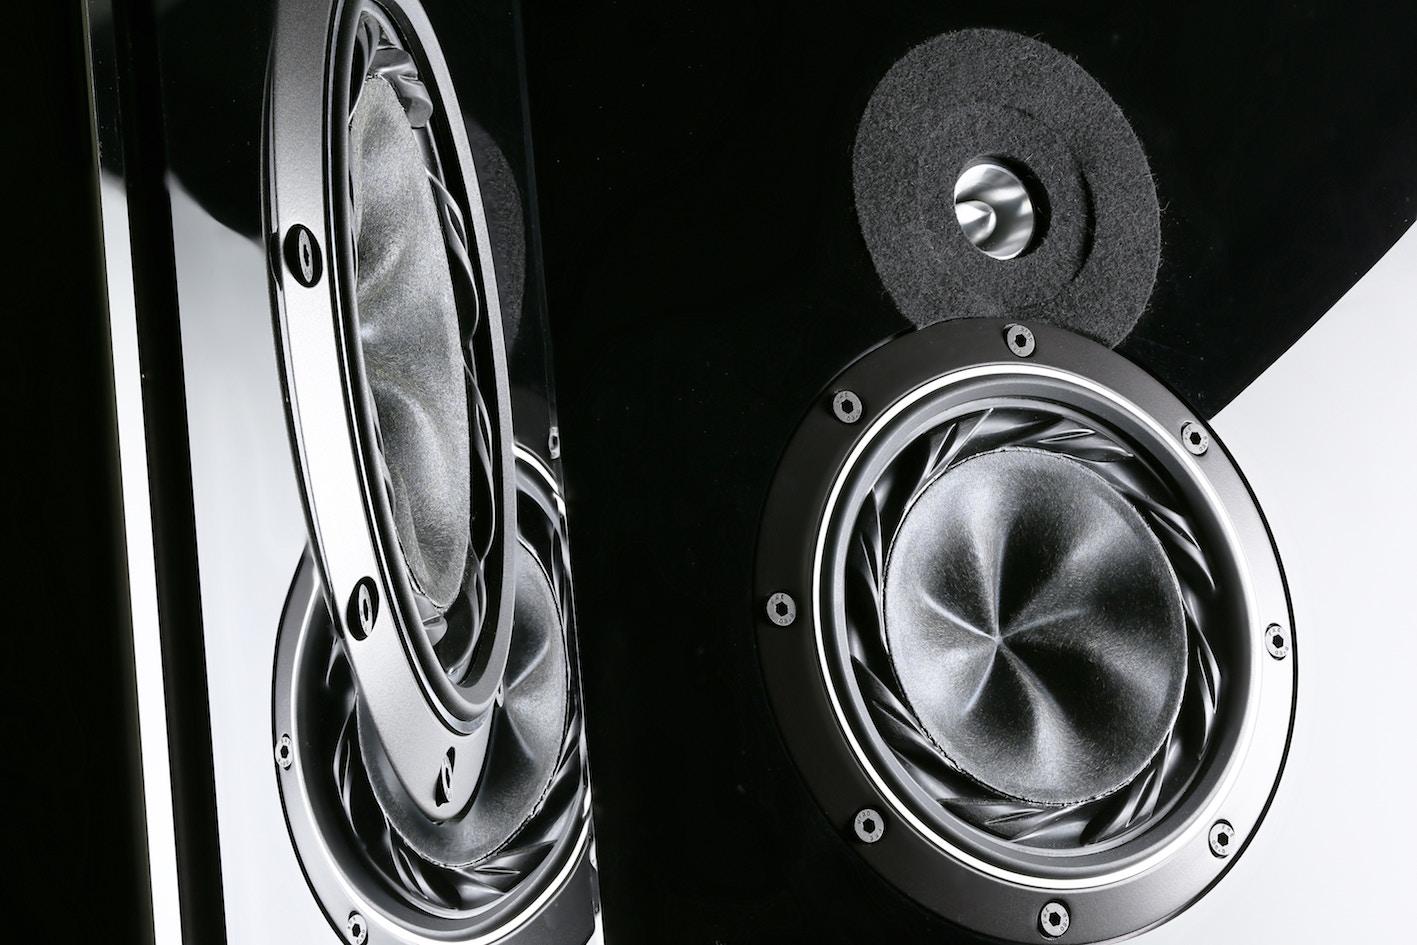 subwoofer speaker up close